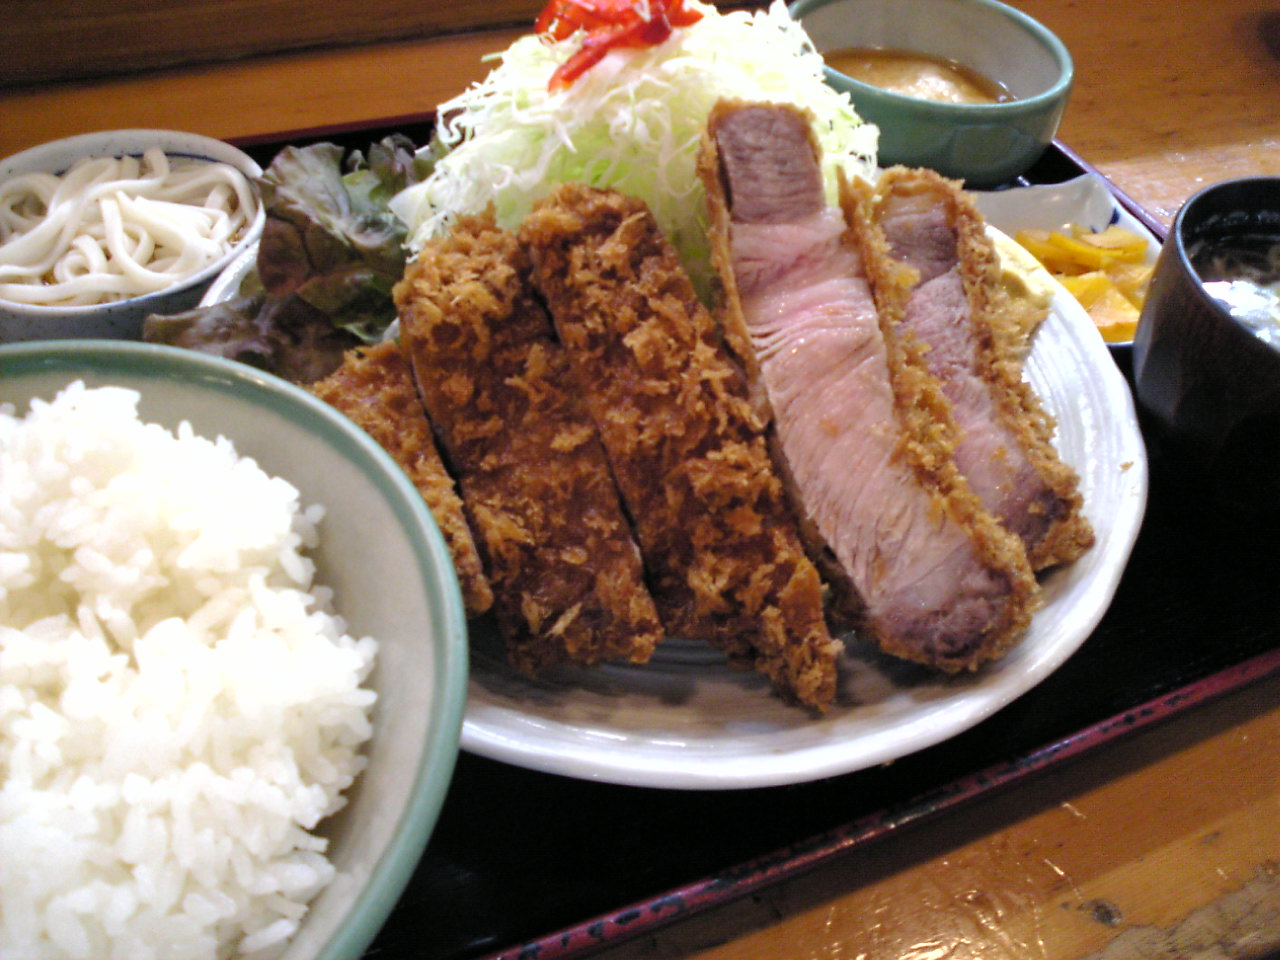 「とんかつ 萬清」 : 東京でデカ盛り/大盛りランチが食べられる ...